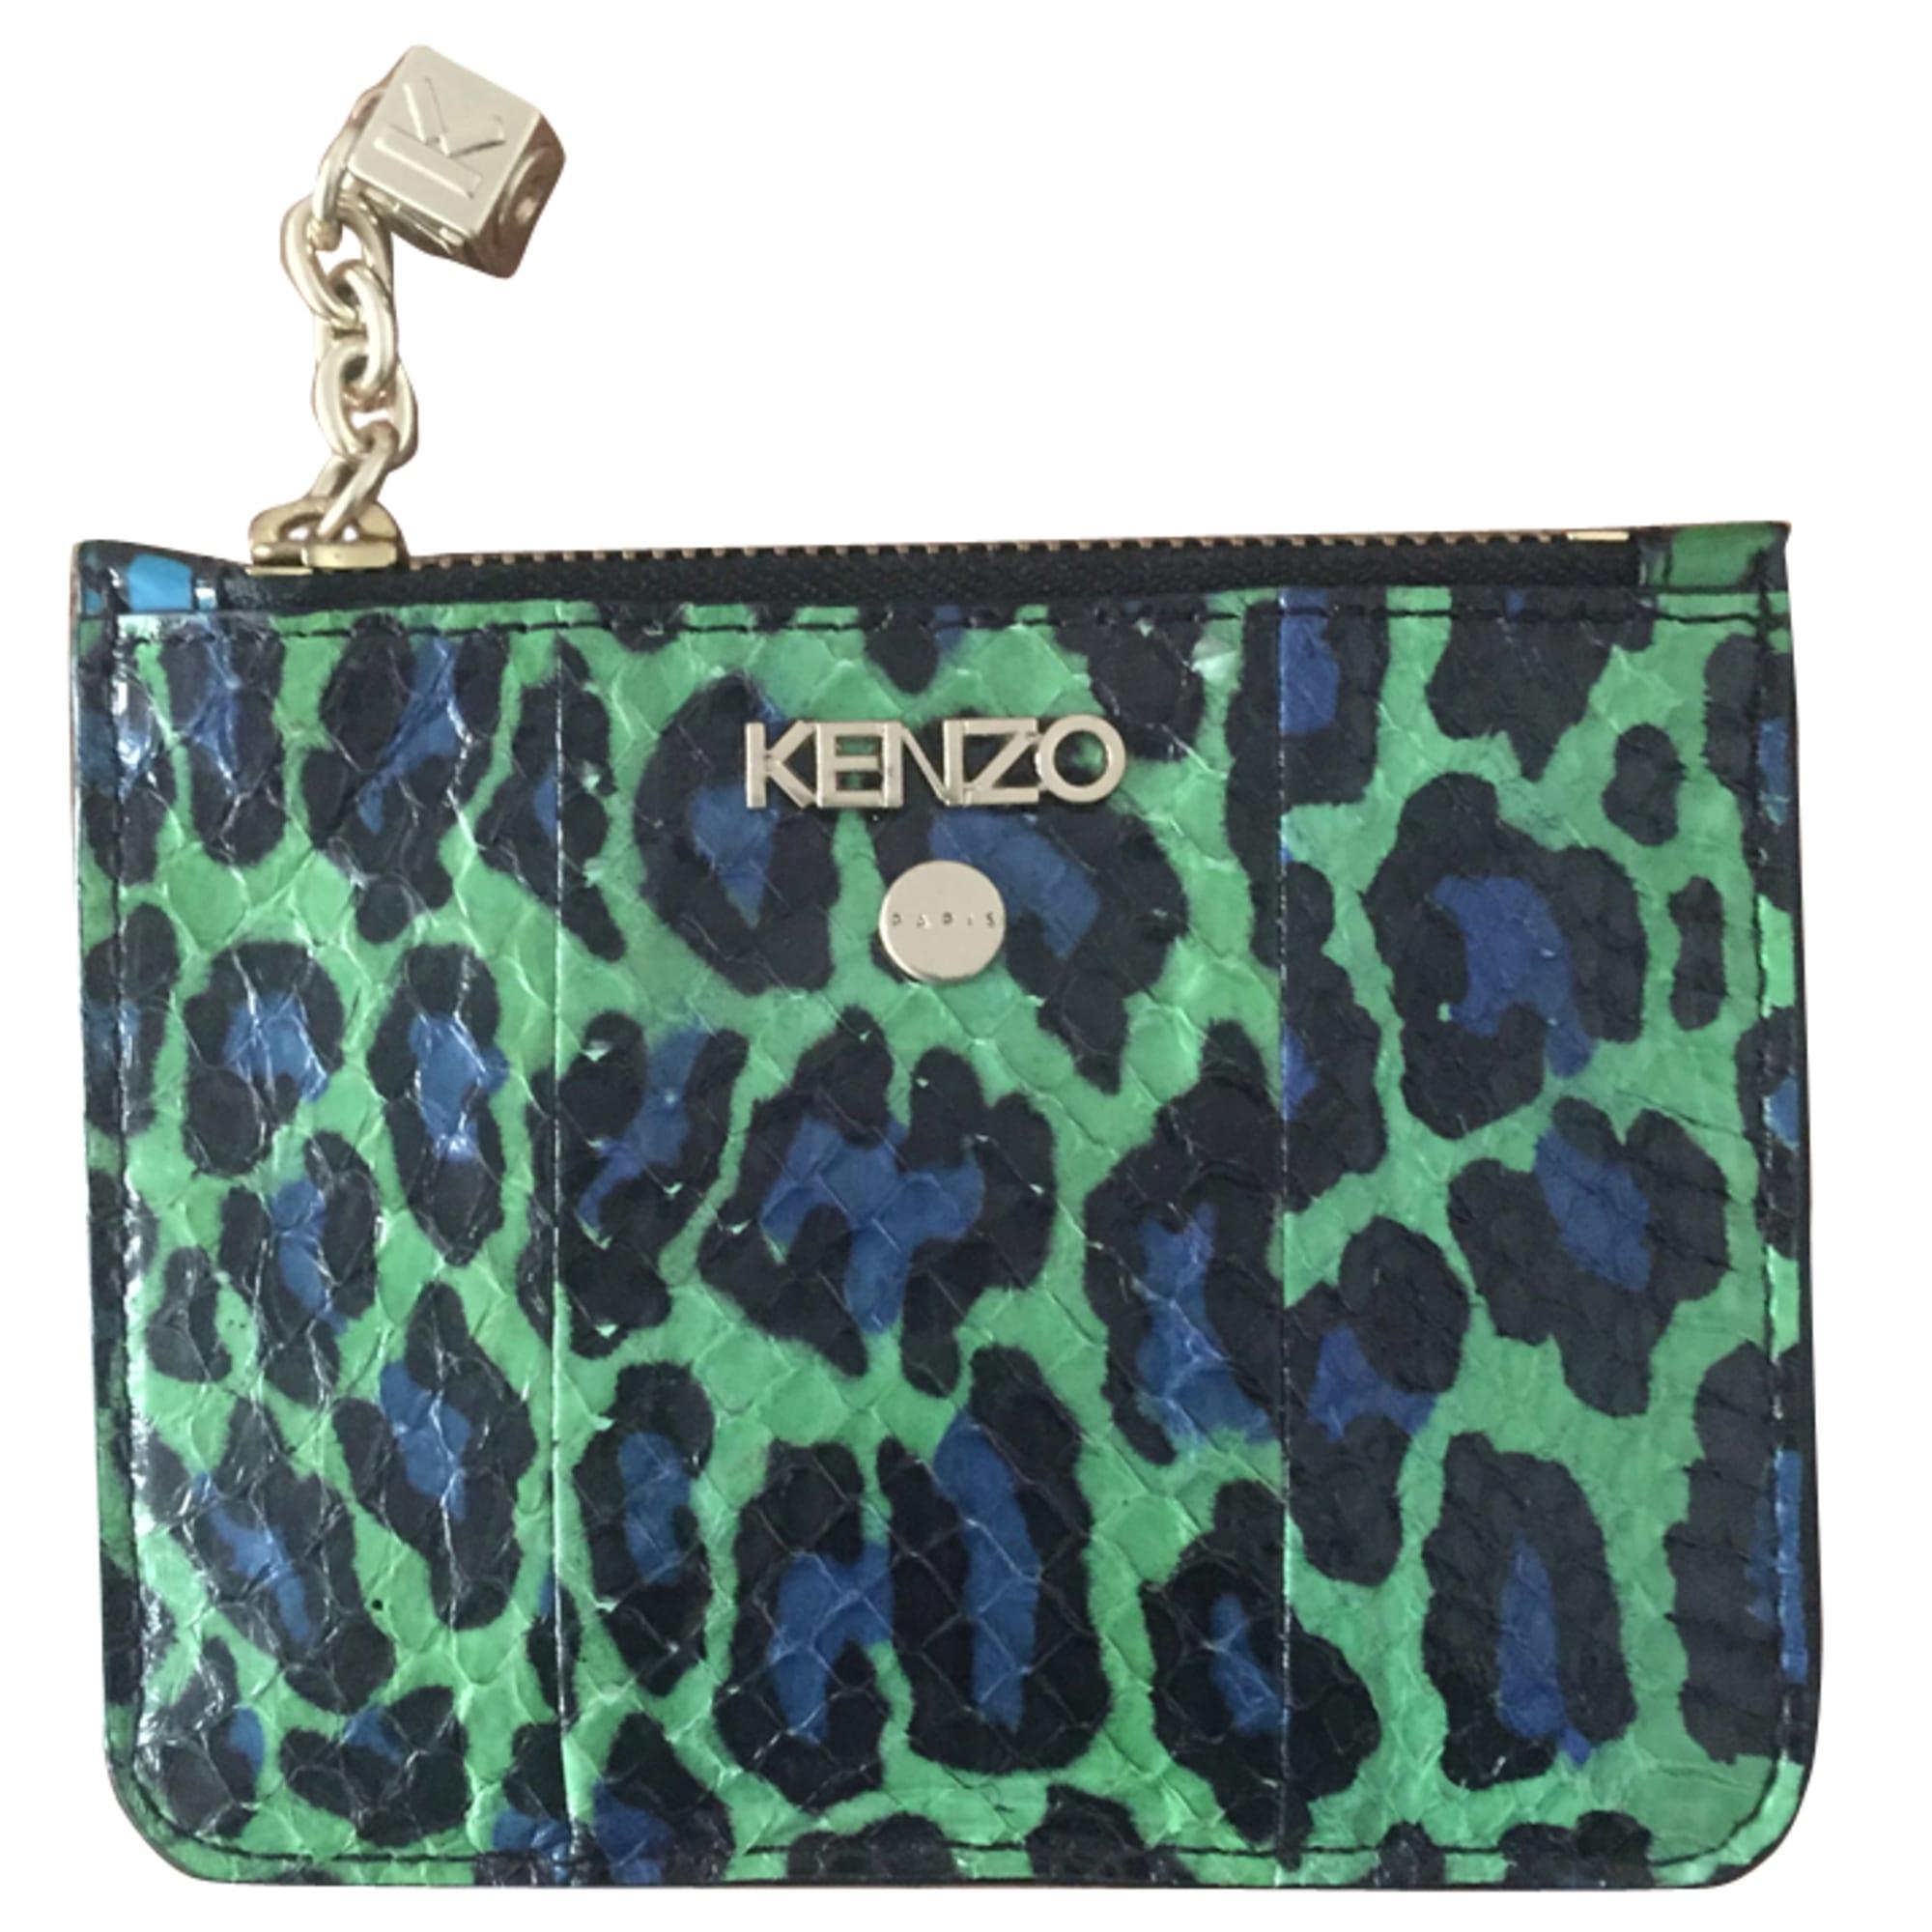 a67cafa2f340 Porte-monnaie KENZO imprimés animaliers vendu par Fashionfinds - 3992486